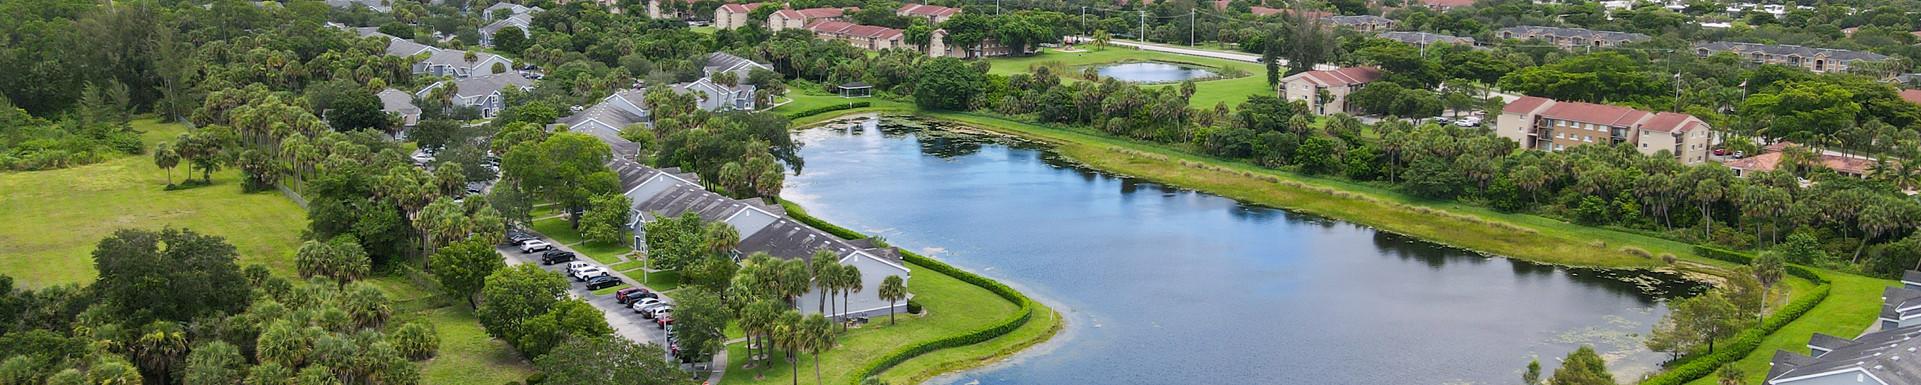 Apartment Aerial Photo